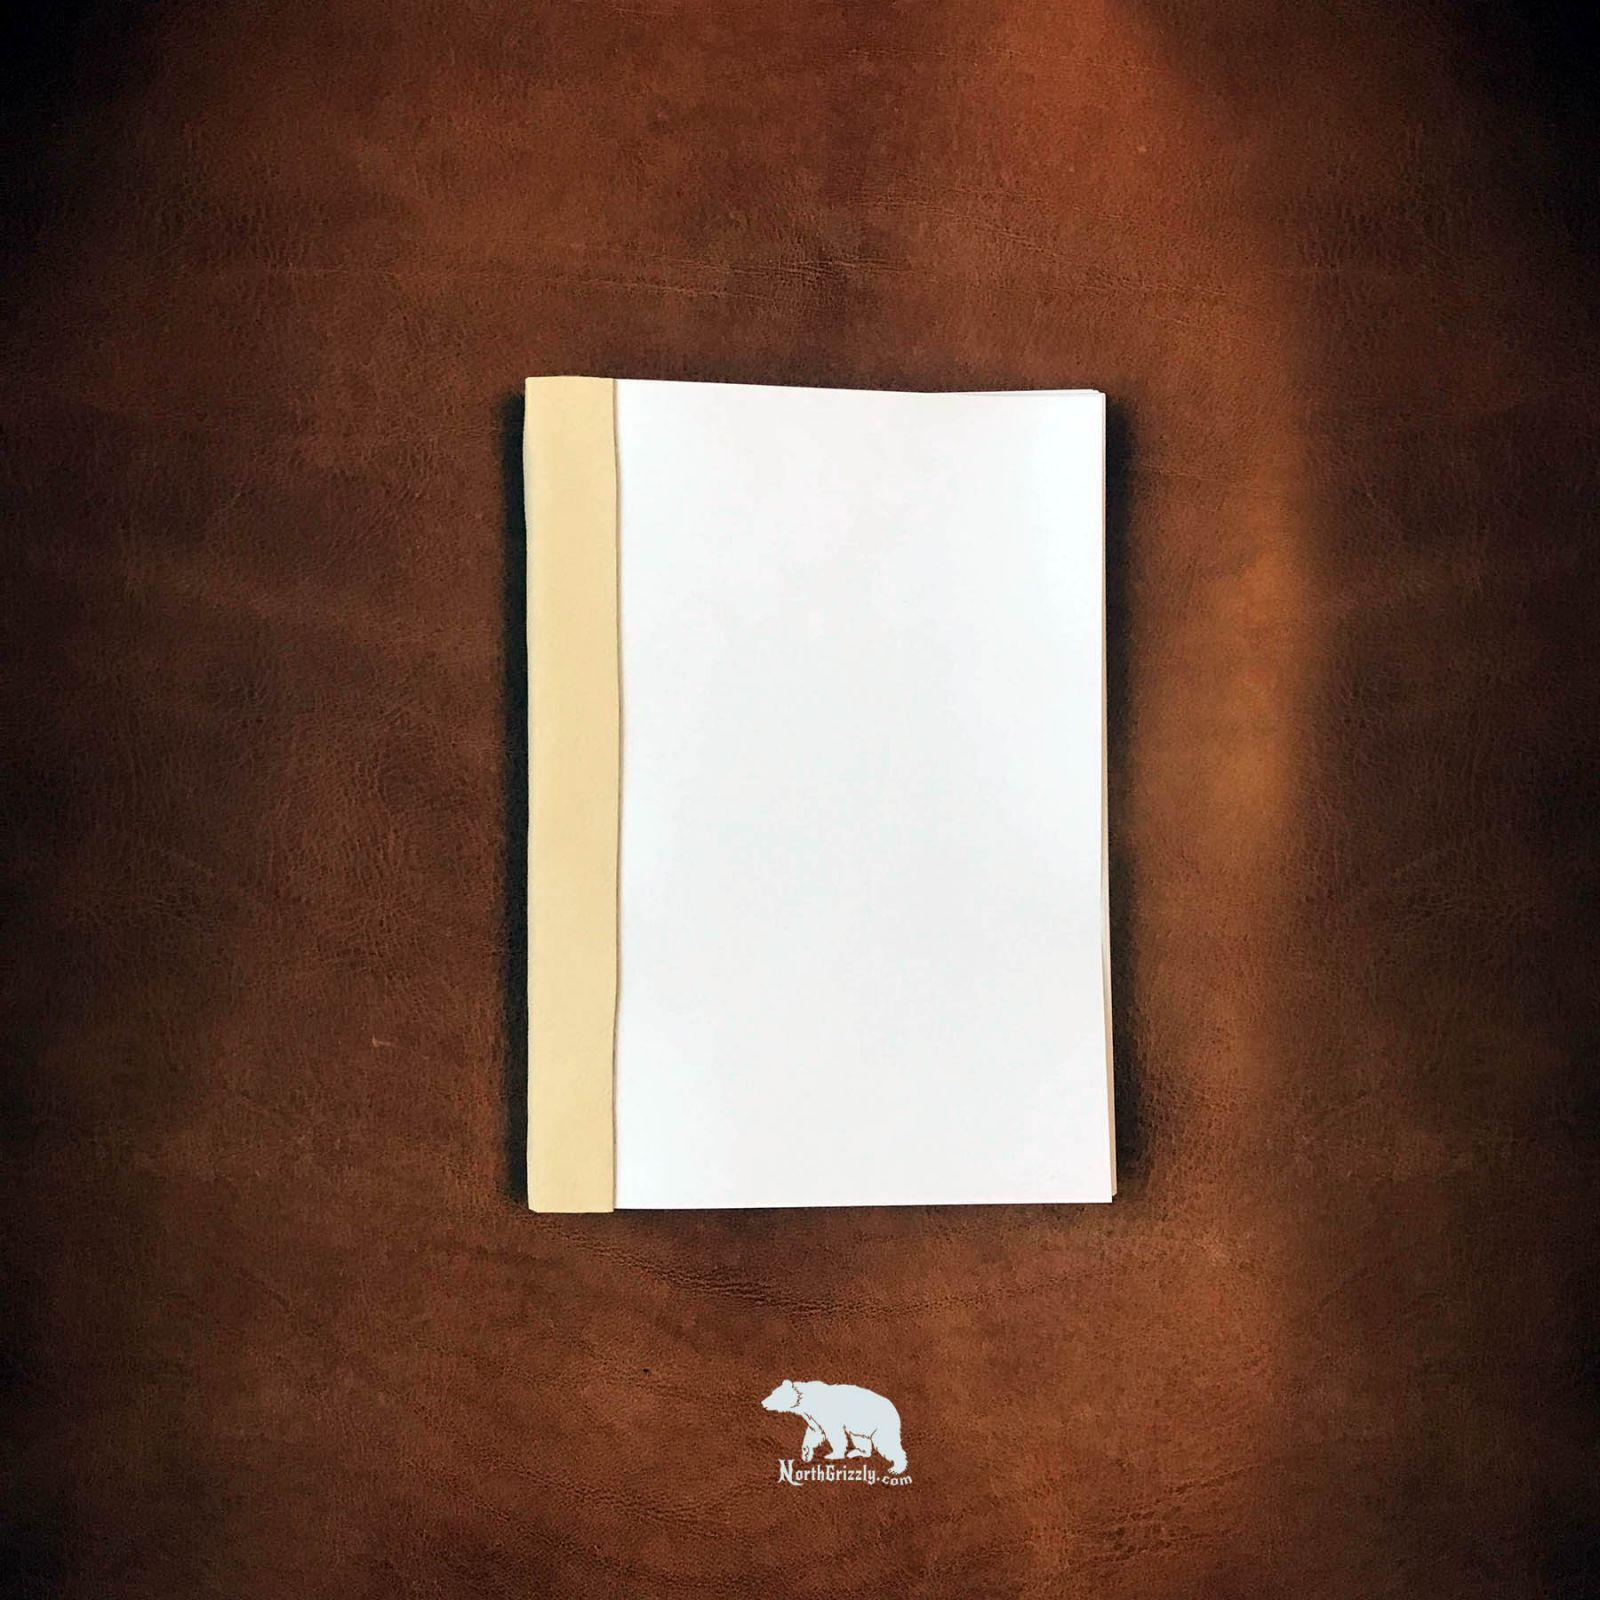 rankomis rista popieriaus knyga uzrasine dienorastis darbo knyga balti lapai ranku darbo dovanos vyrams 256